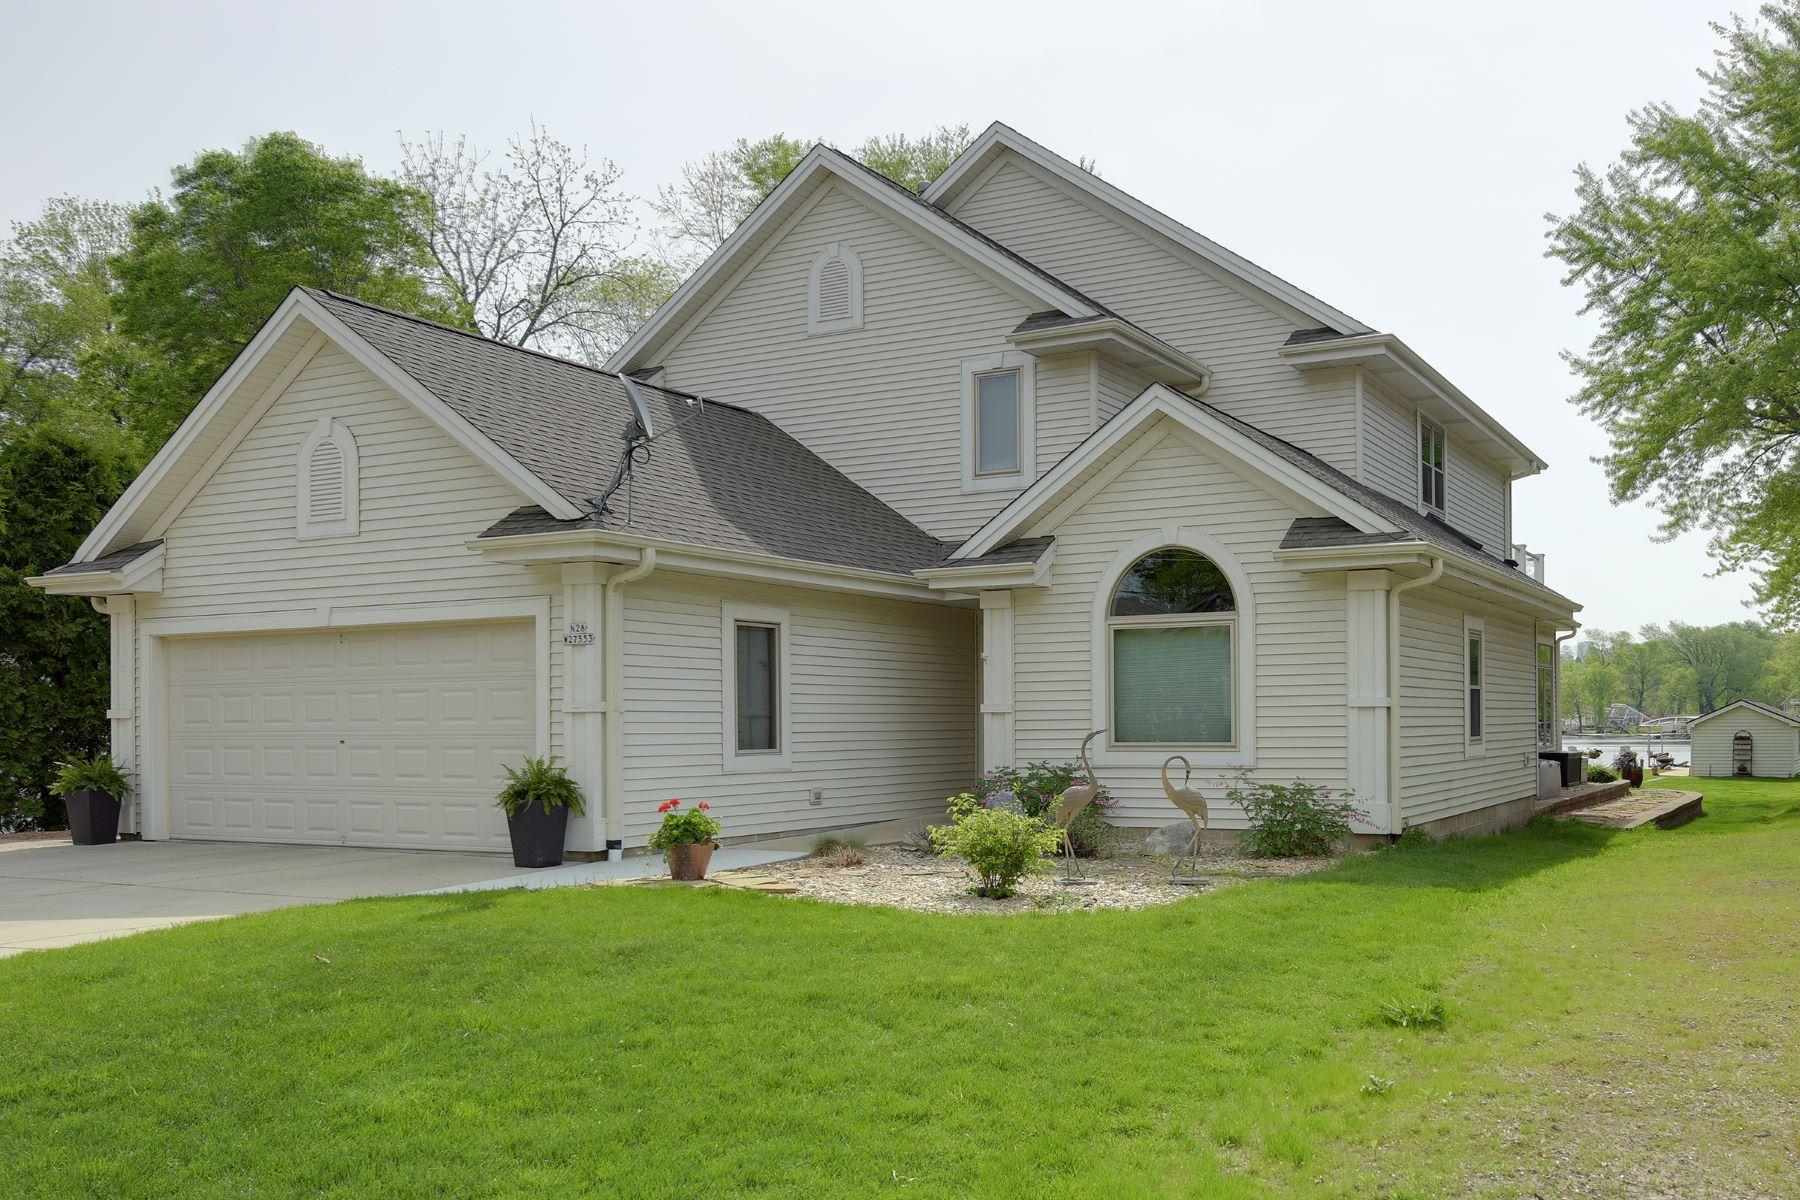 Maison unifamiliale pour l Vente à Pristine Pewaukee Lake Home N28W27553 Peninsula Drive Pewaukee, Wisconsin, 53072 États-Unis